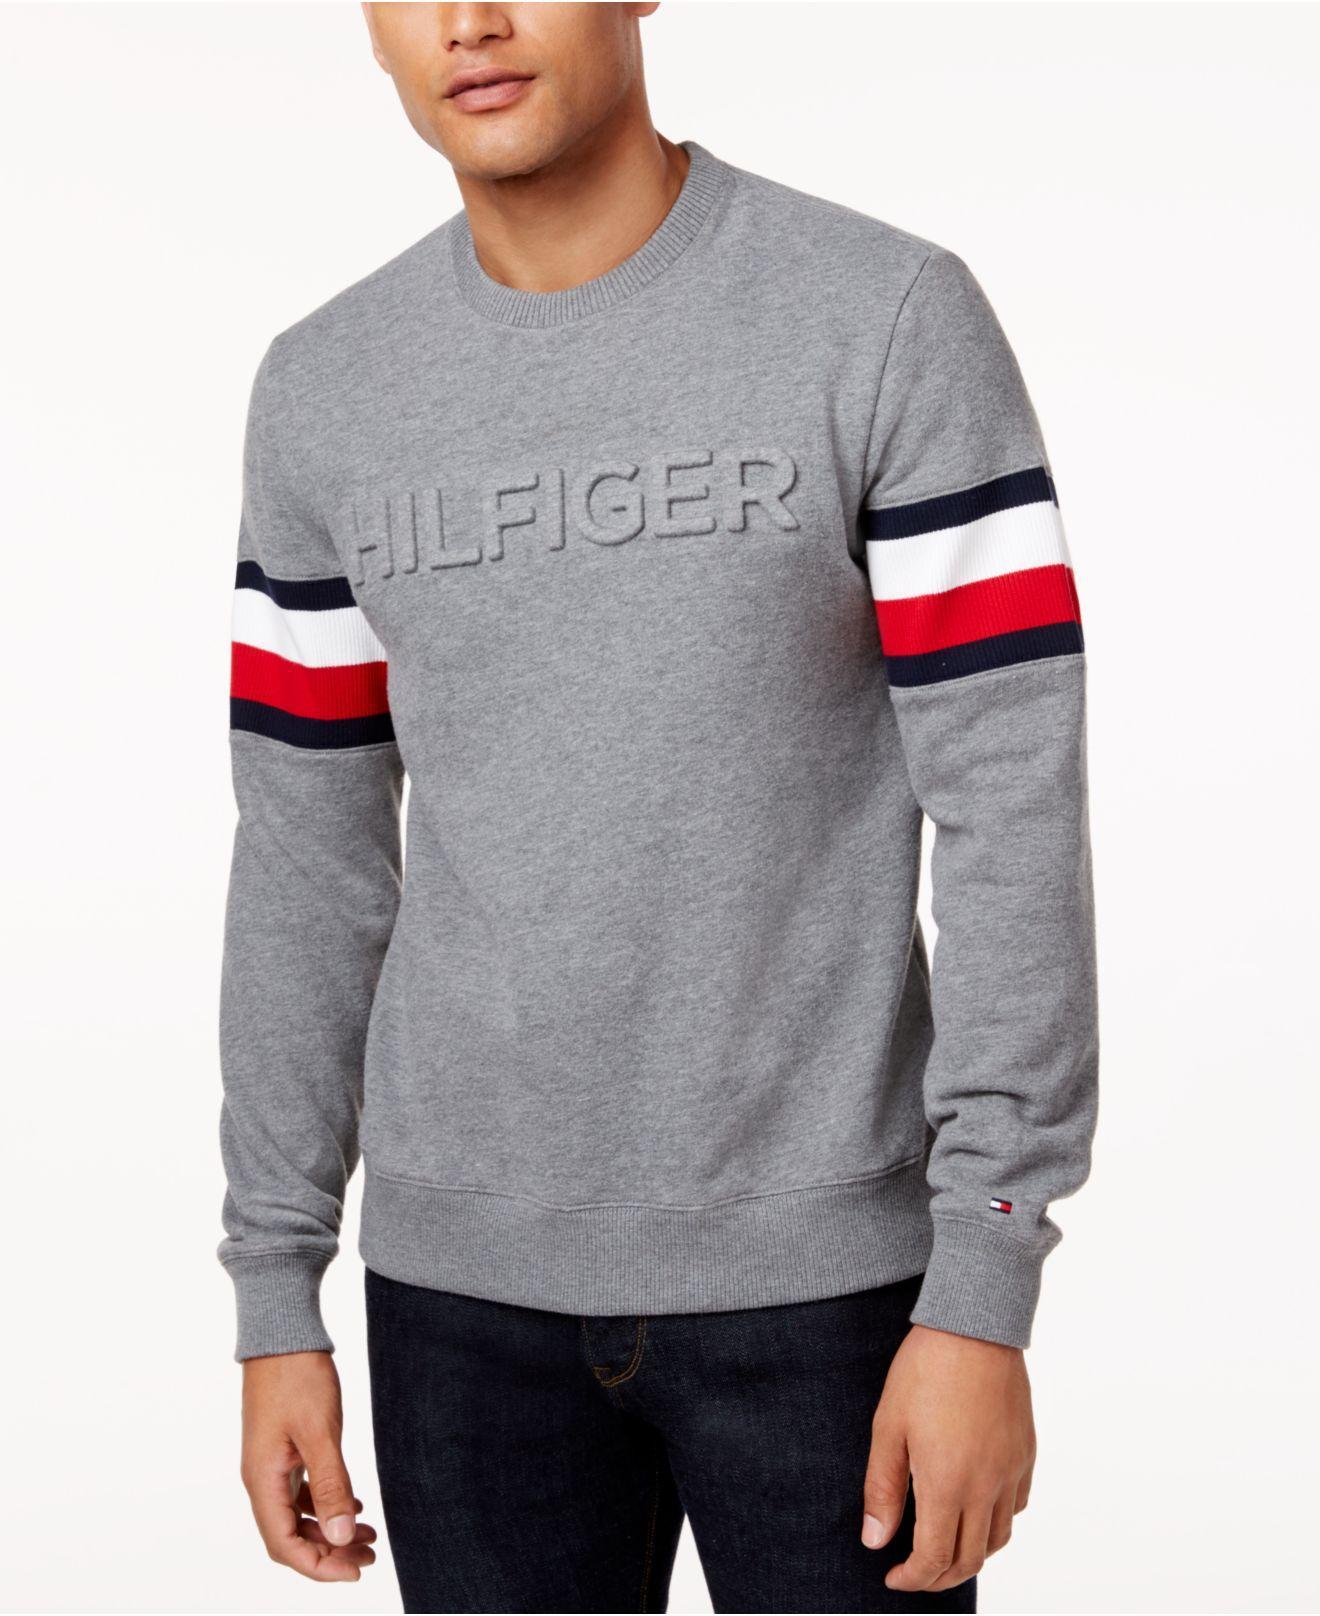 hurtig levering bedste service engrosforhandler Men's Everest Logo Sweatshirt